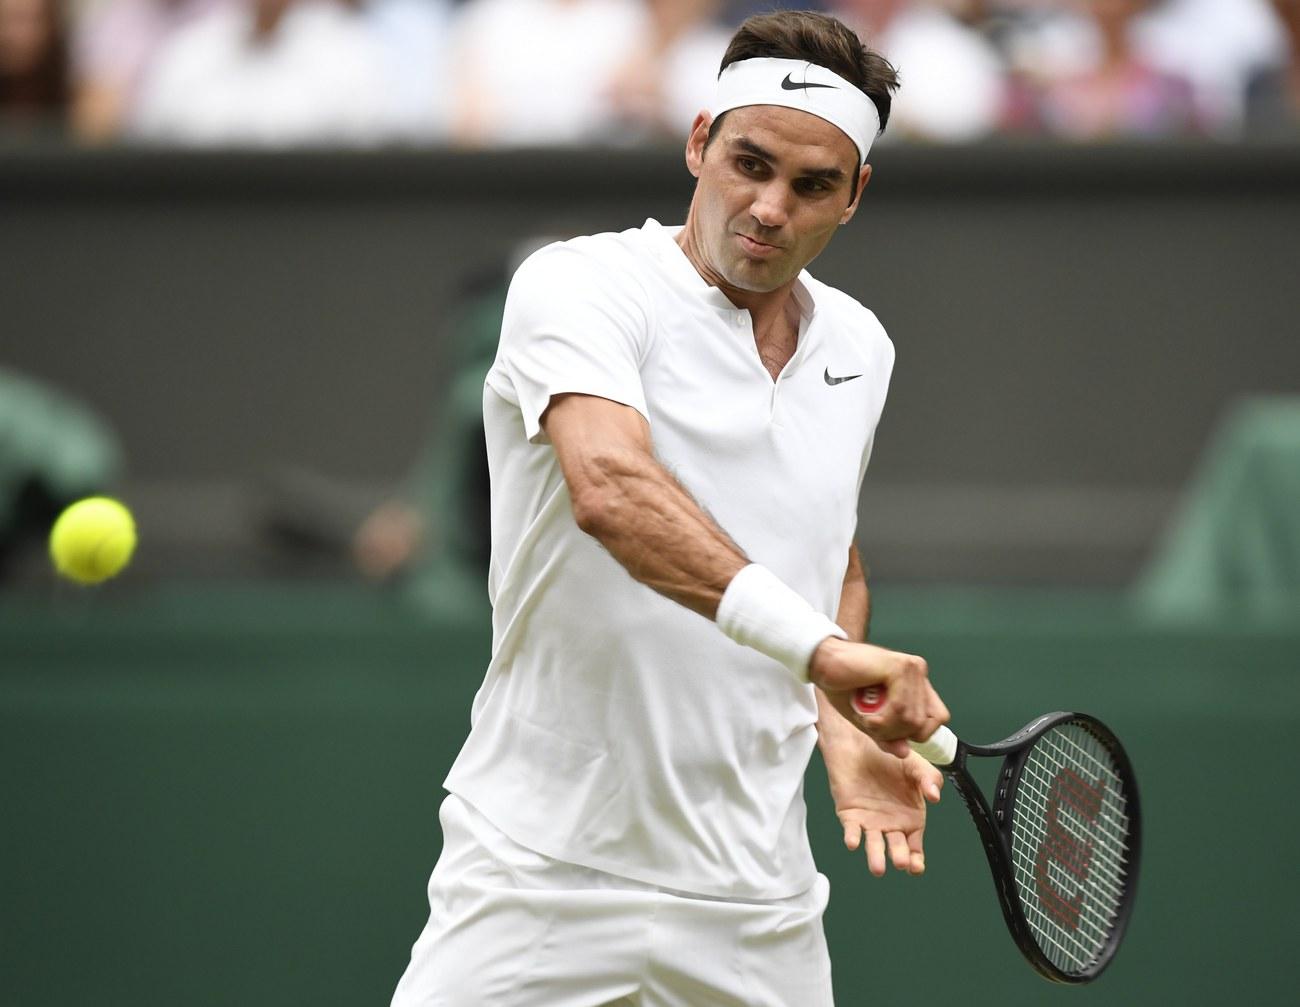 Wimbledon Federer: